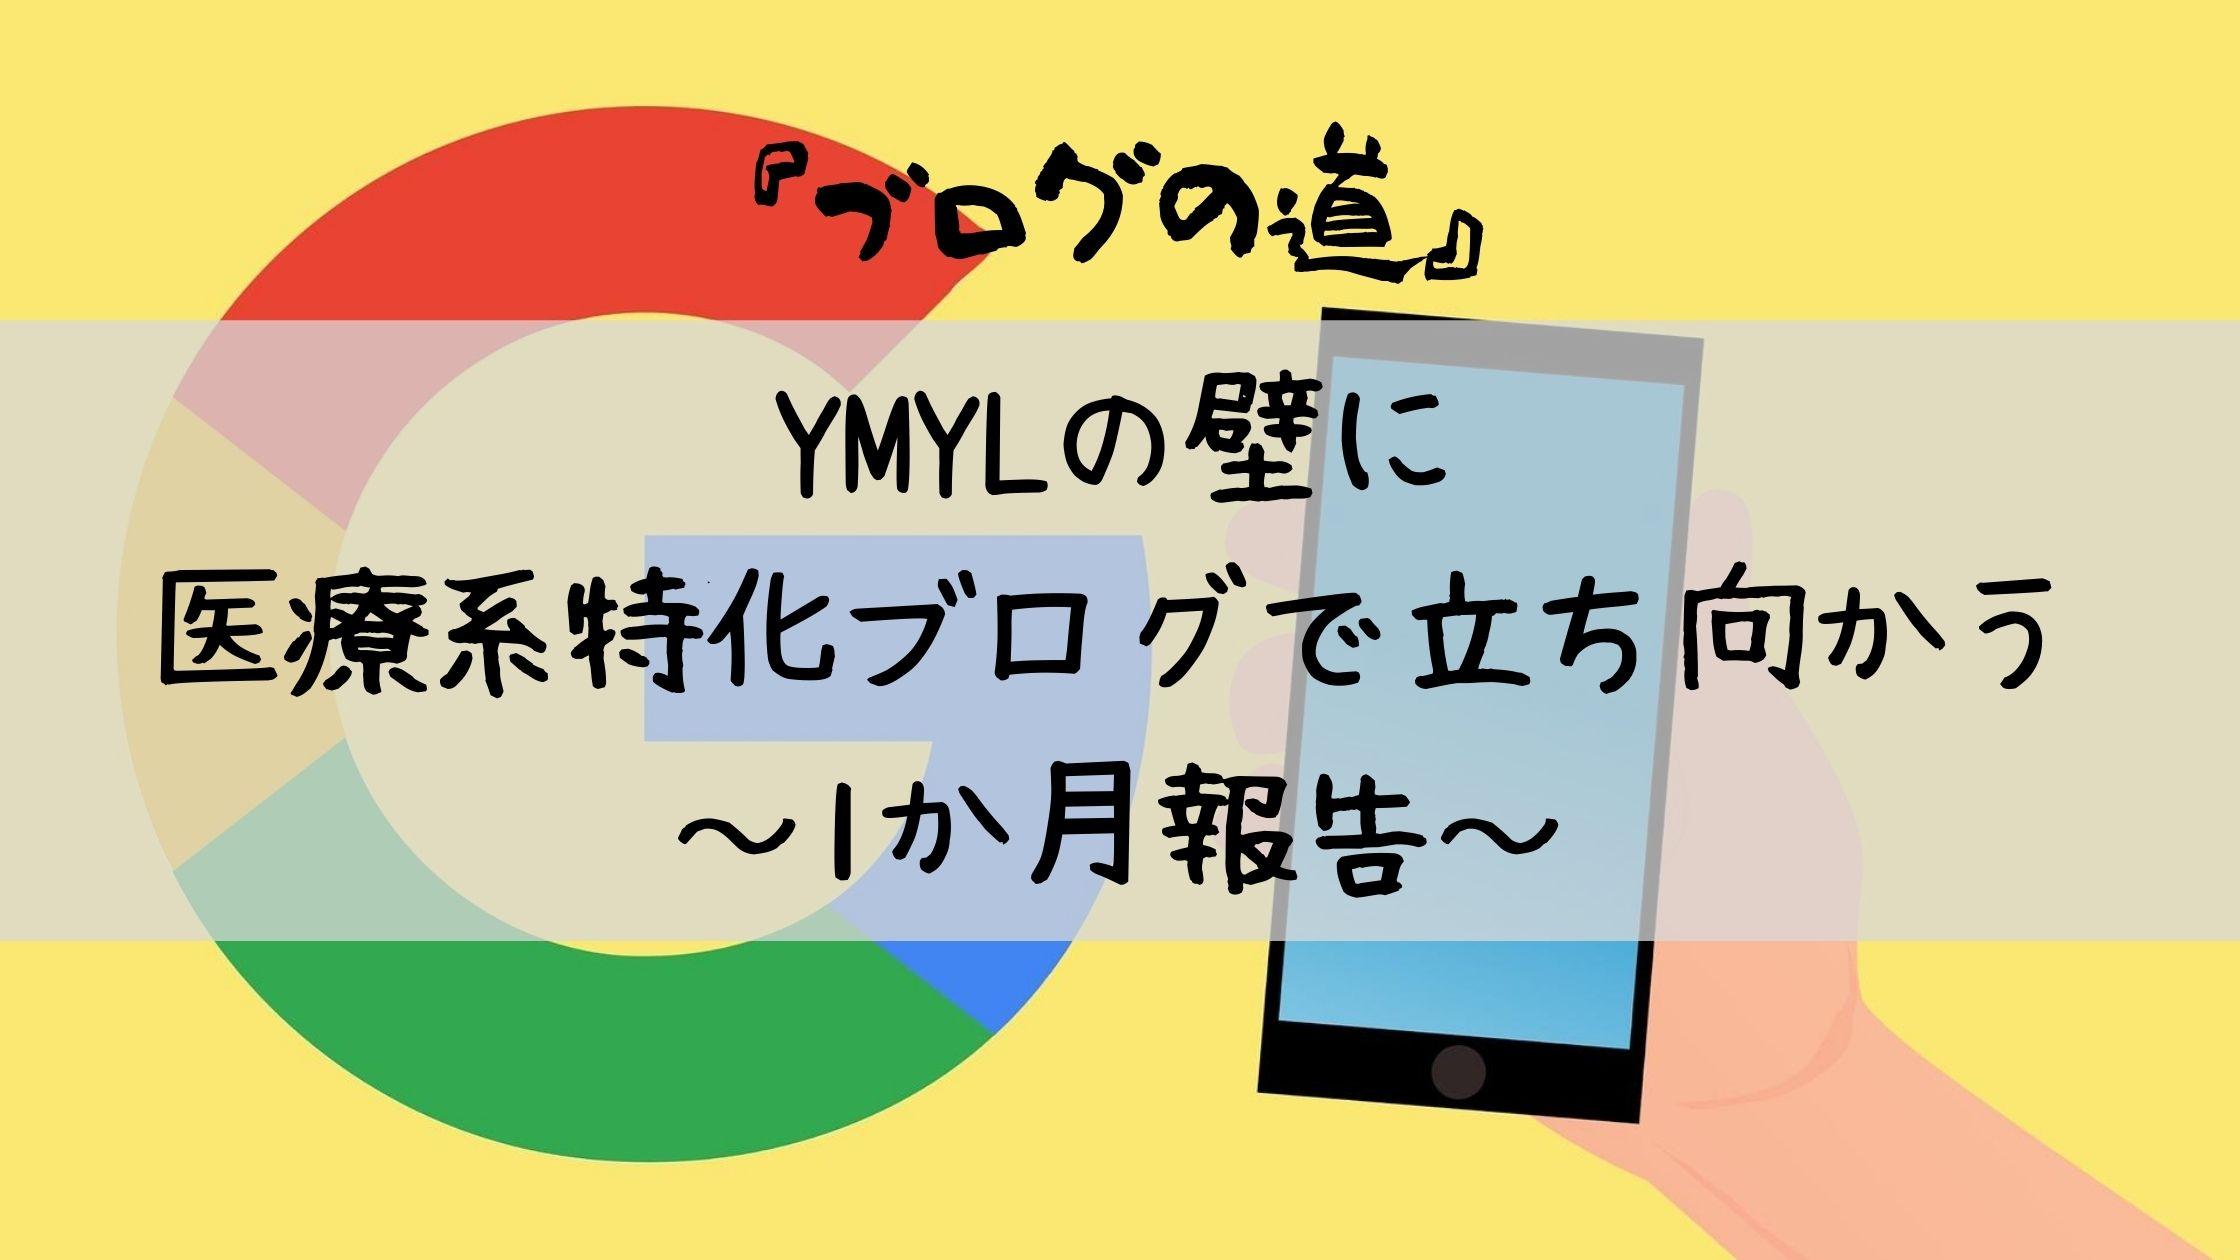 YMYL-A1